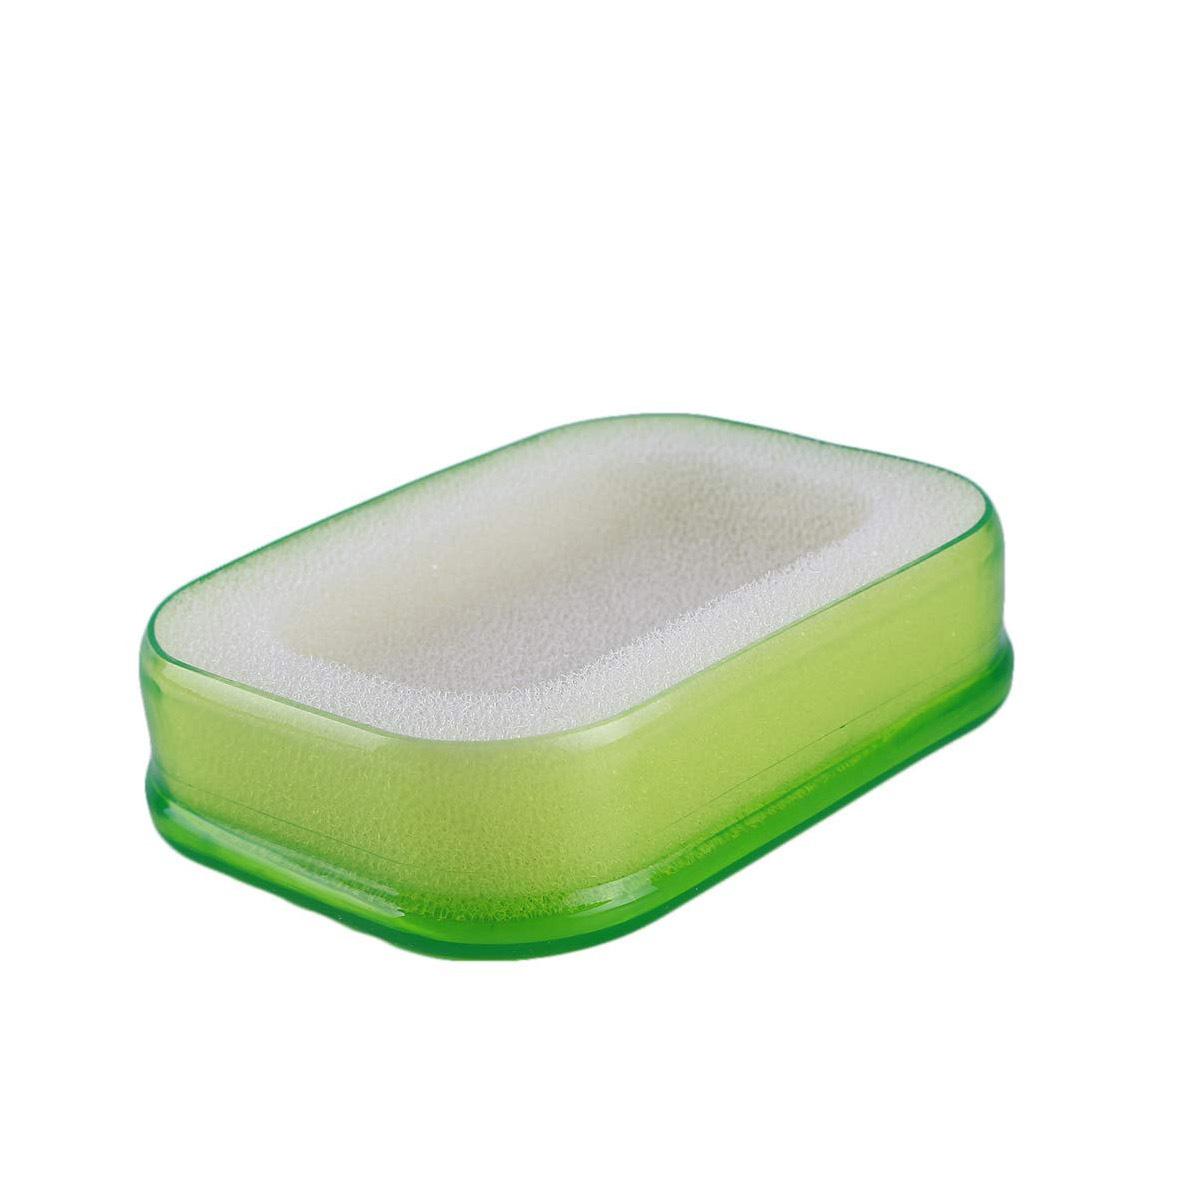 Мультифункциональная губка мыльница в пластиковой коробке, зелёный,